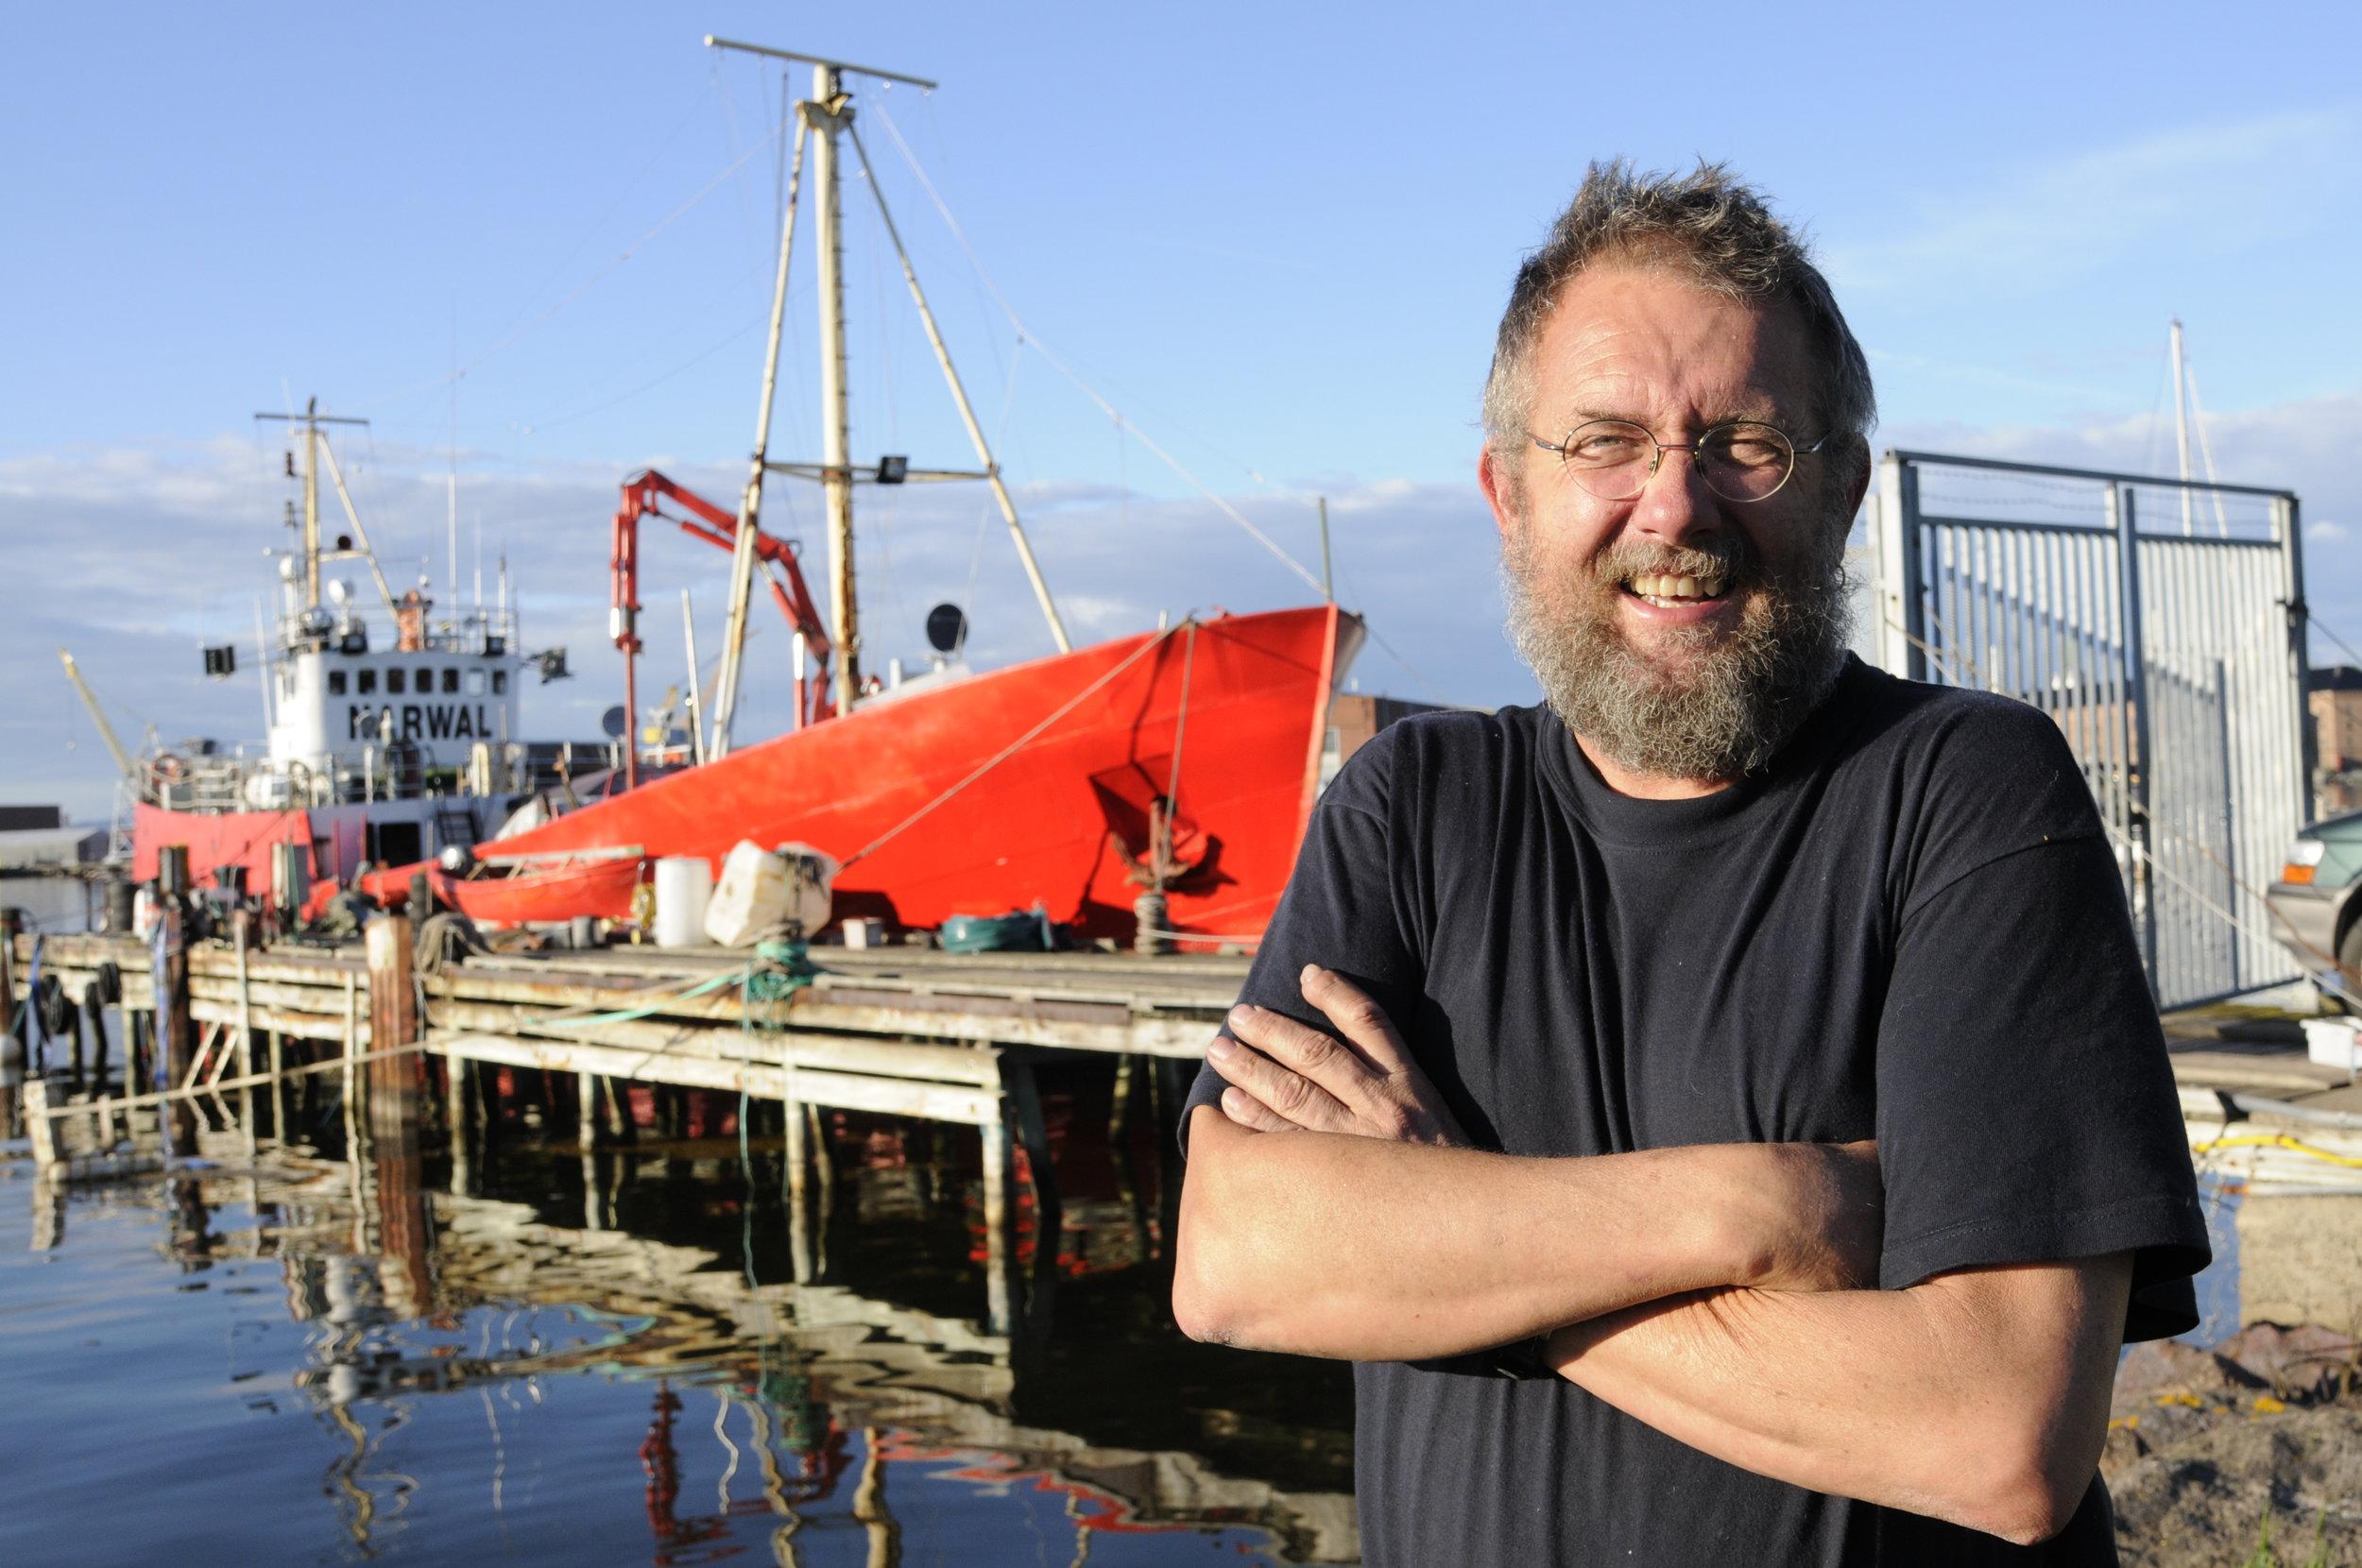 Maskinsjef, skipper og altmuligmann synes livet er skjønt. Skulle Alex De Vreught ønske seg noe mer her i livet, må det være et godt fortøyningssted for familieboligen – hvalbåten Narwal.